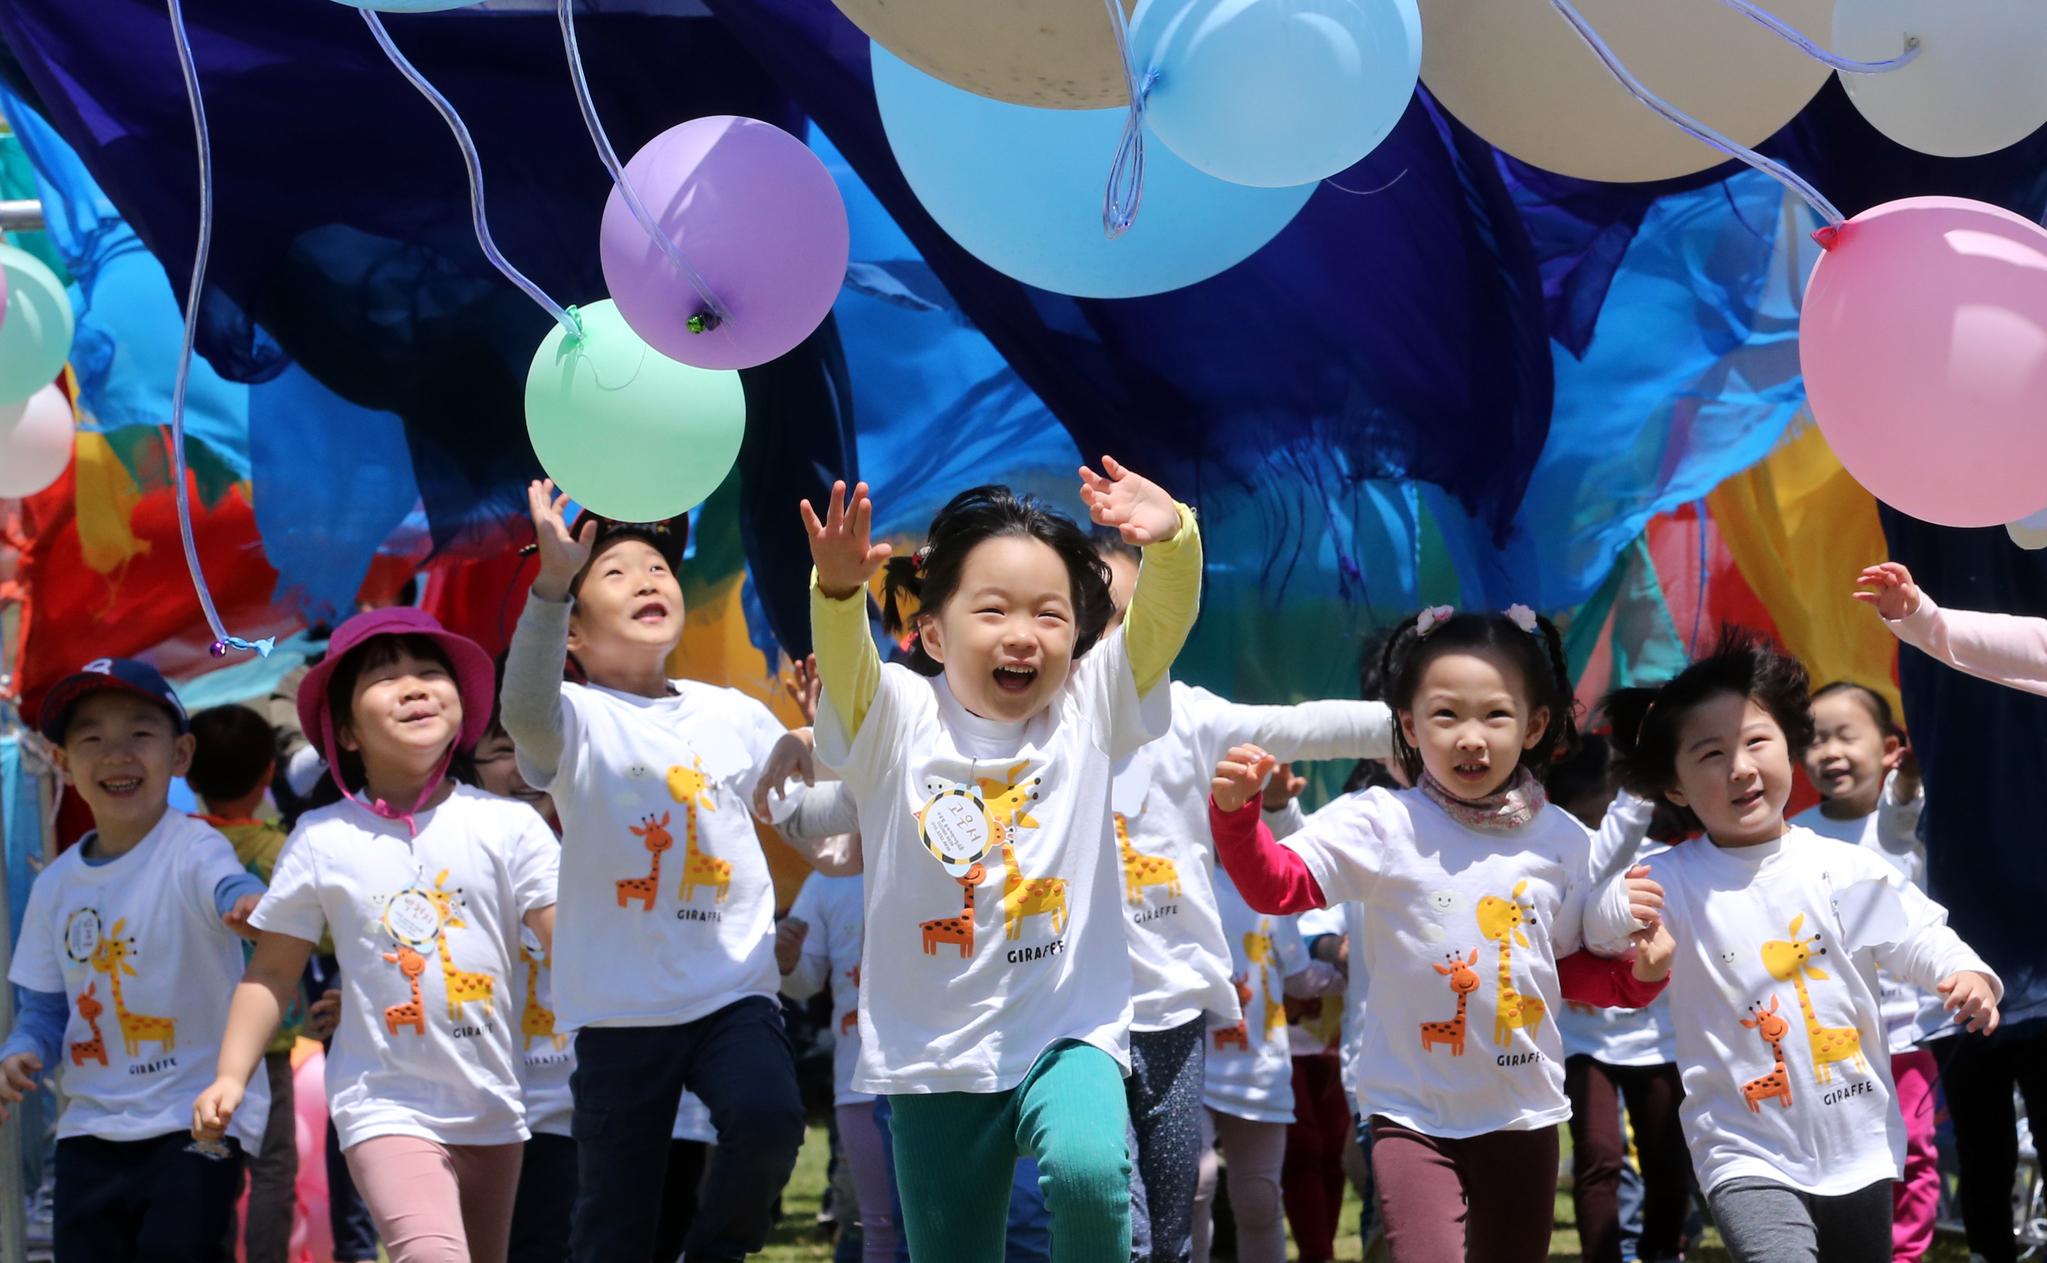 지난해 어린이날을 맞이해 서울 난지천공원 잔디광장에서 열린 어린이축제. [중앙포토]